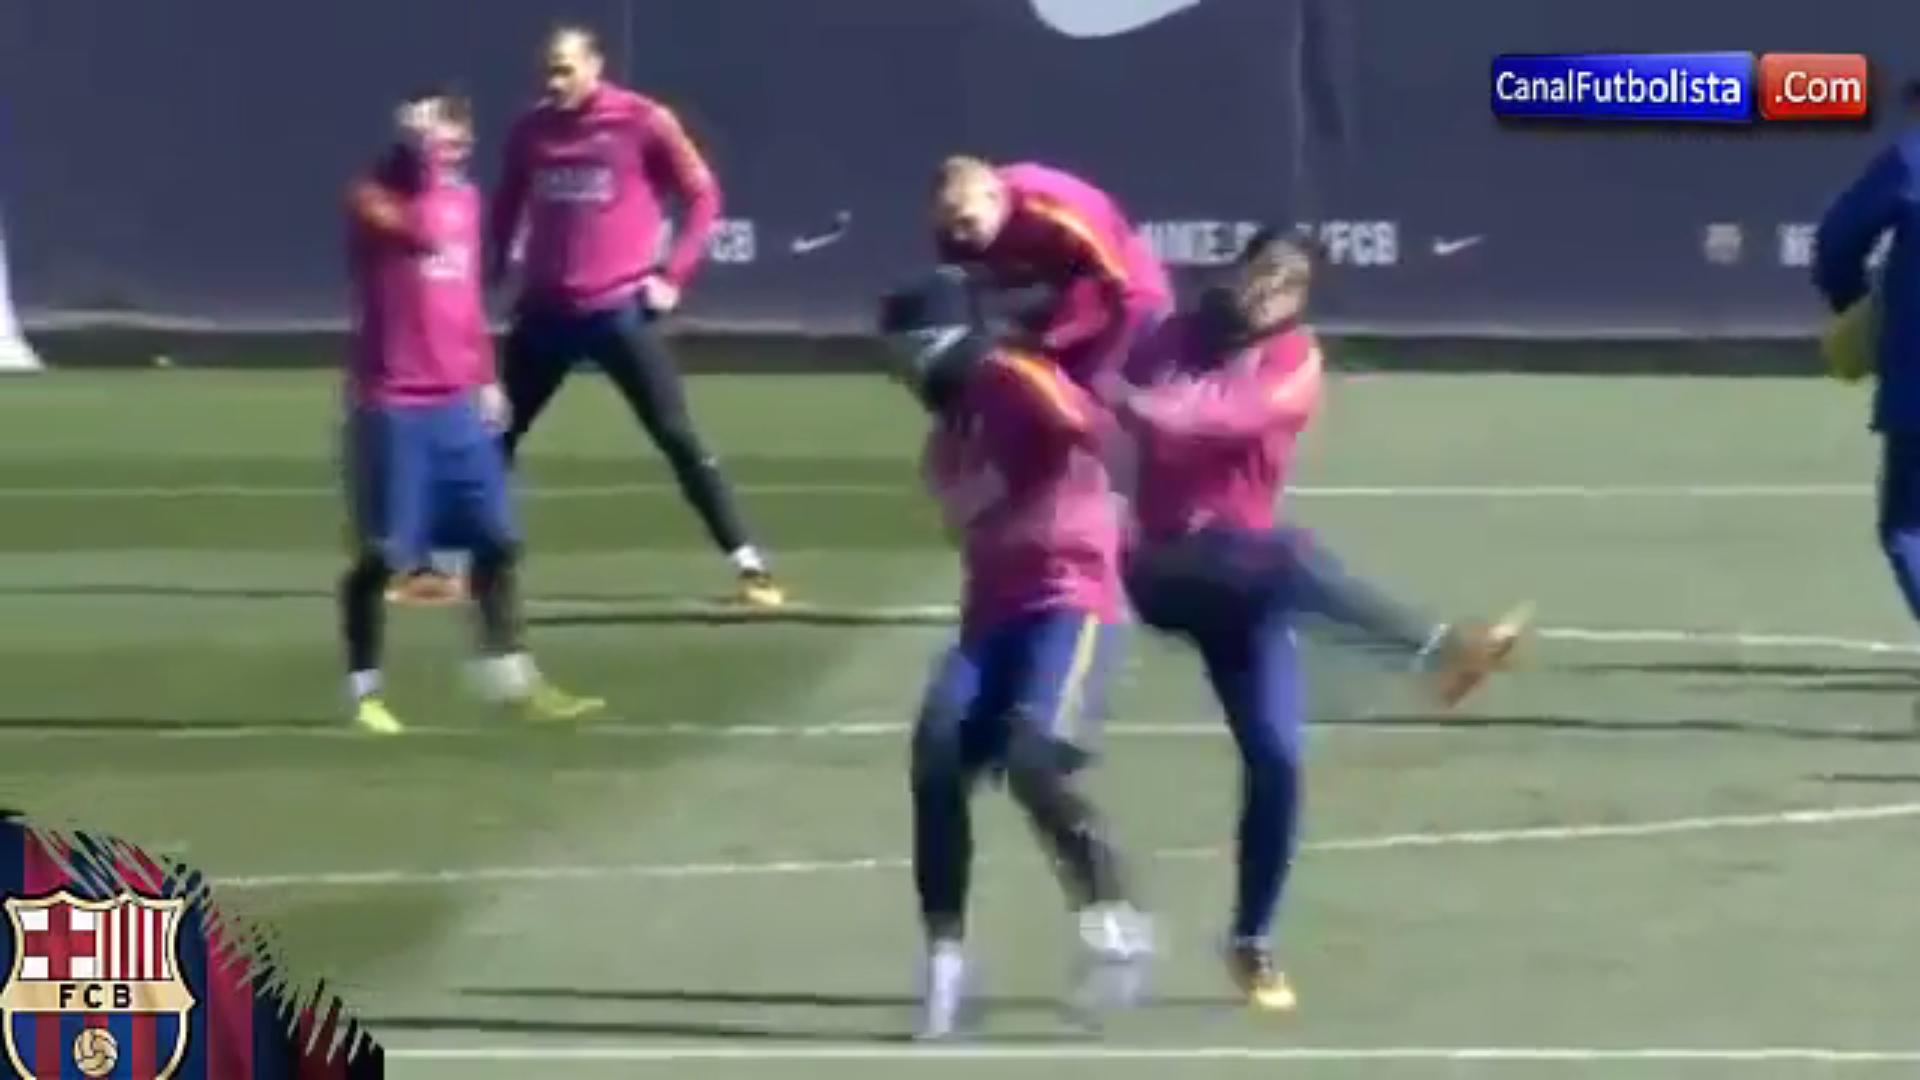 Ne šali se sa Suárezom: Javier Mascherano umalo nastradao